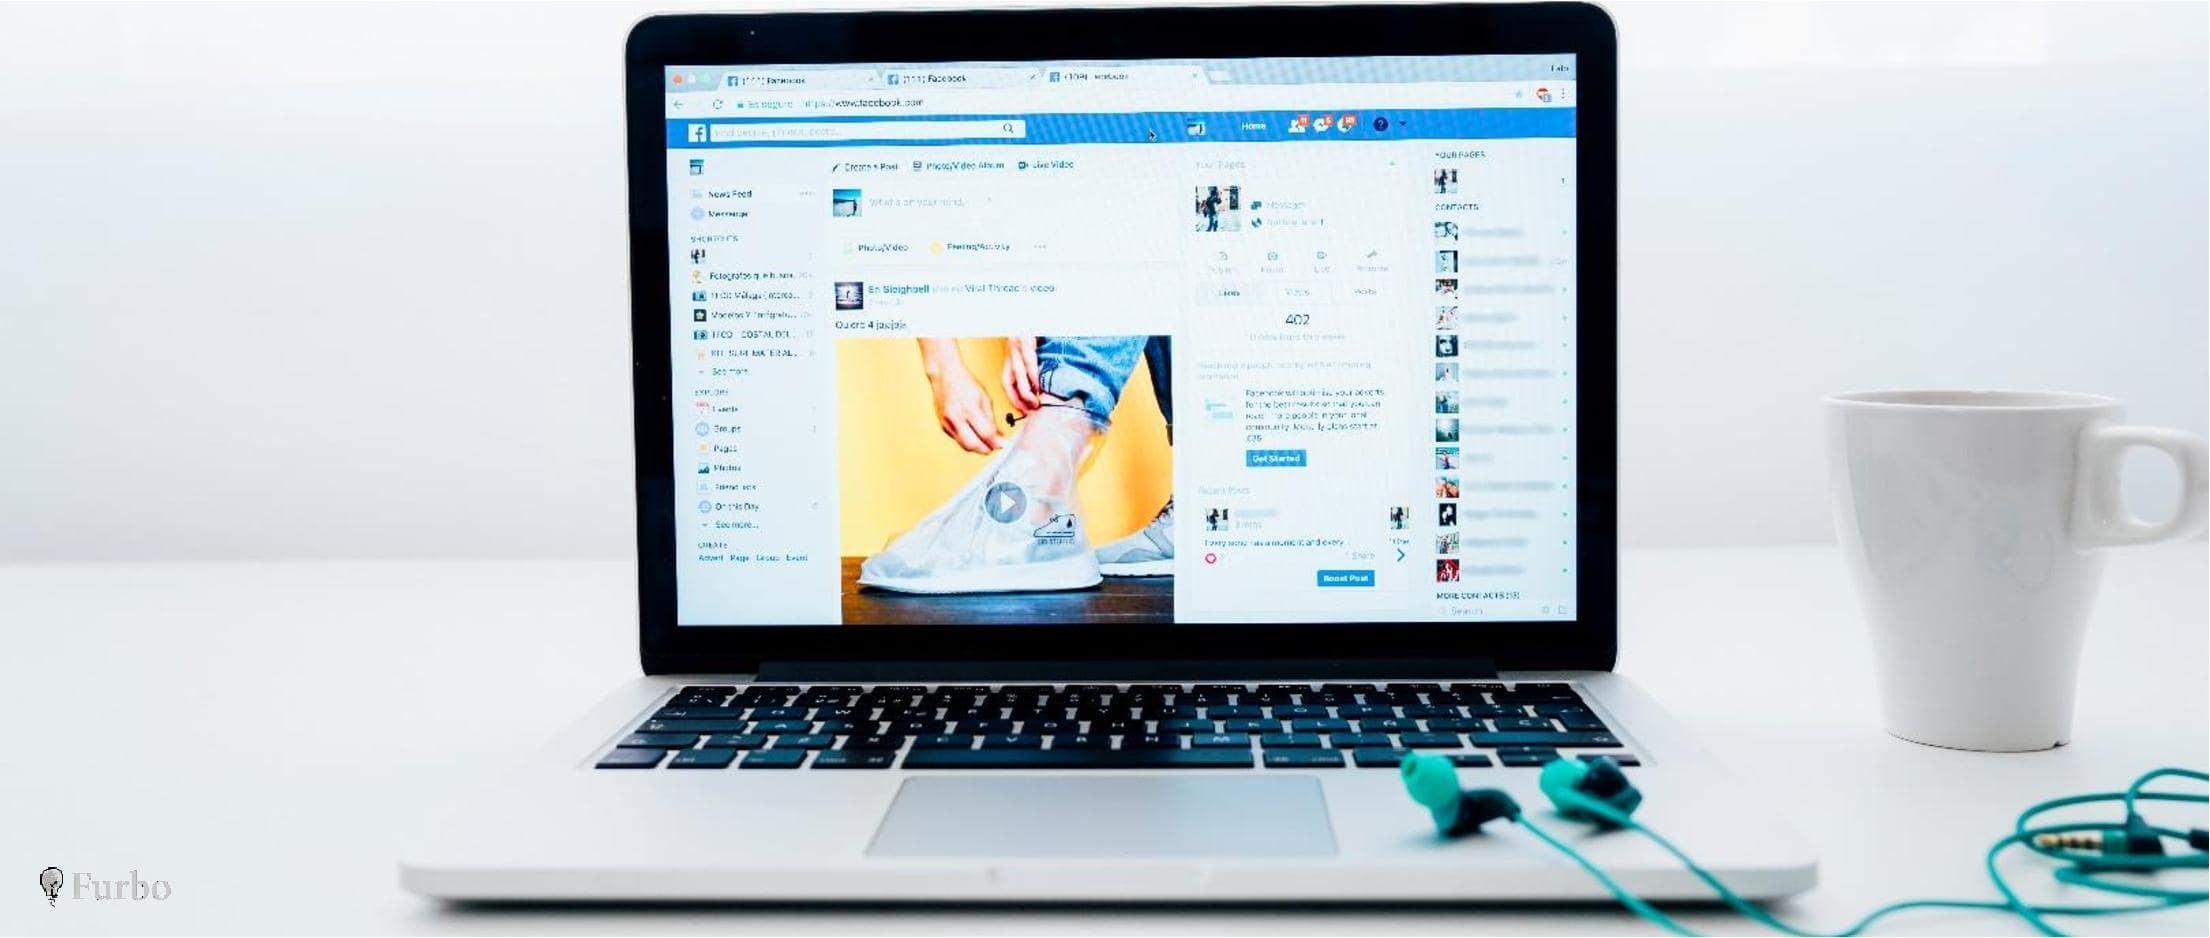 استراتژی فعالیت در رسانههای اجتماعی فیسبوک، توییتر و اینستاگرام